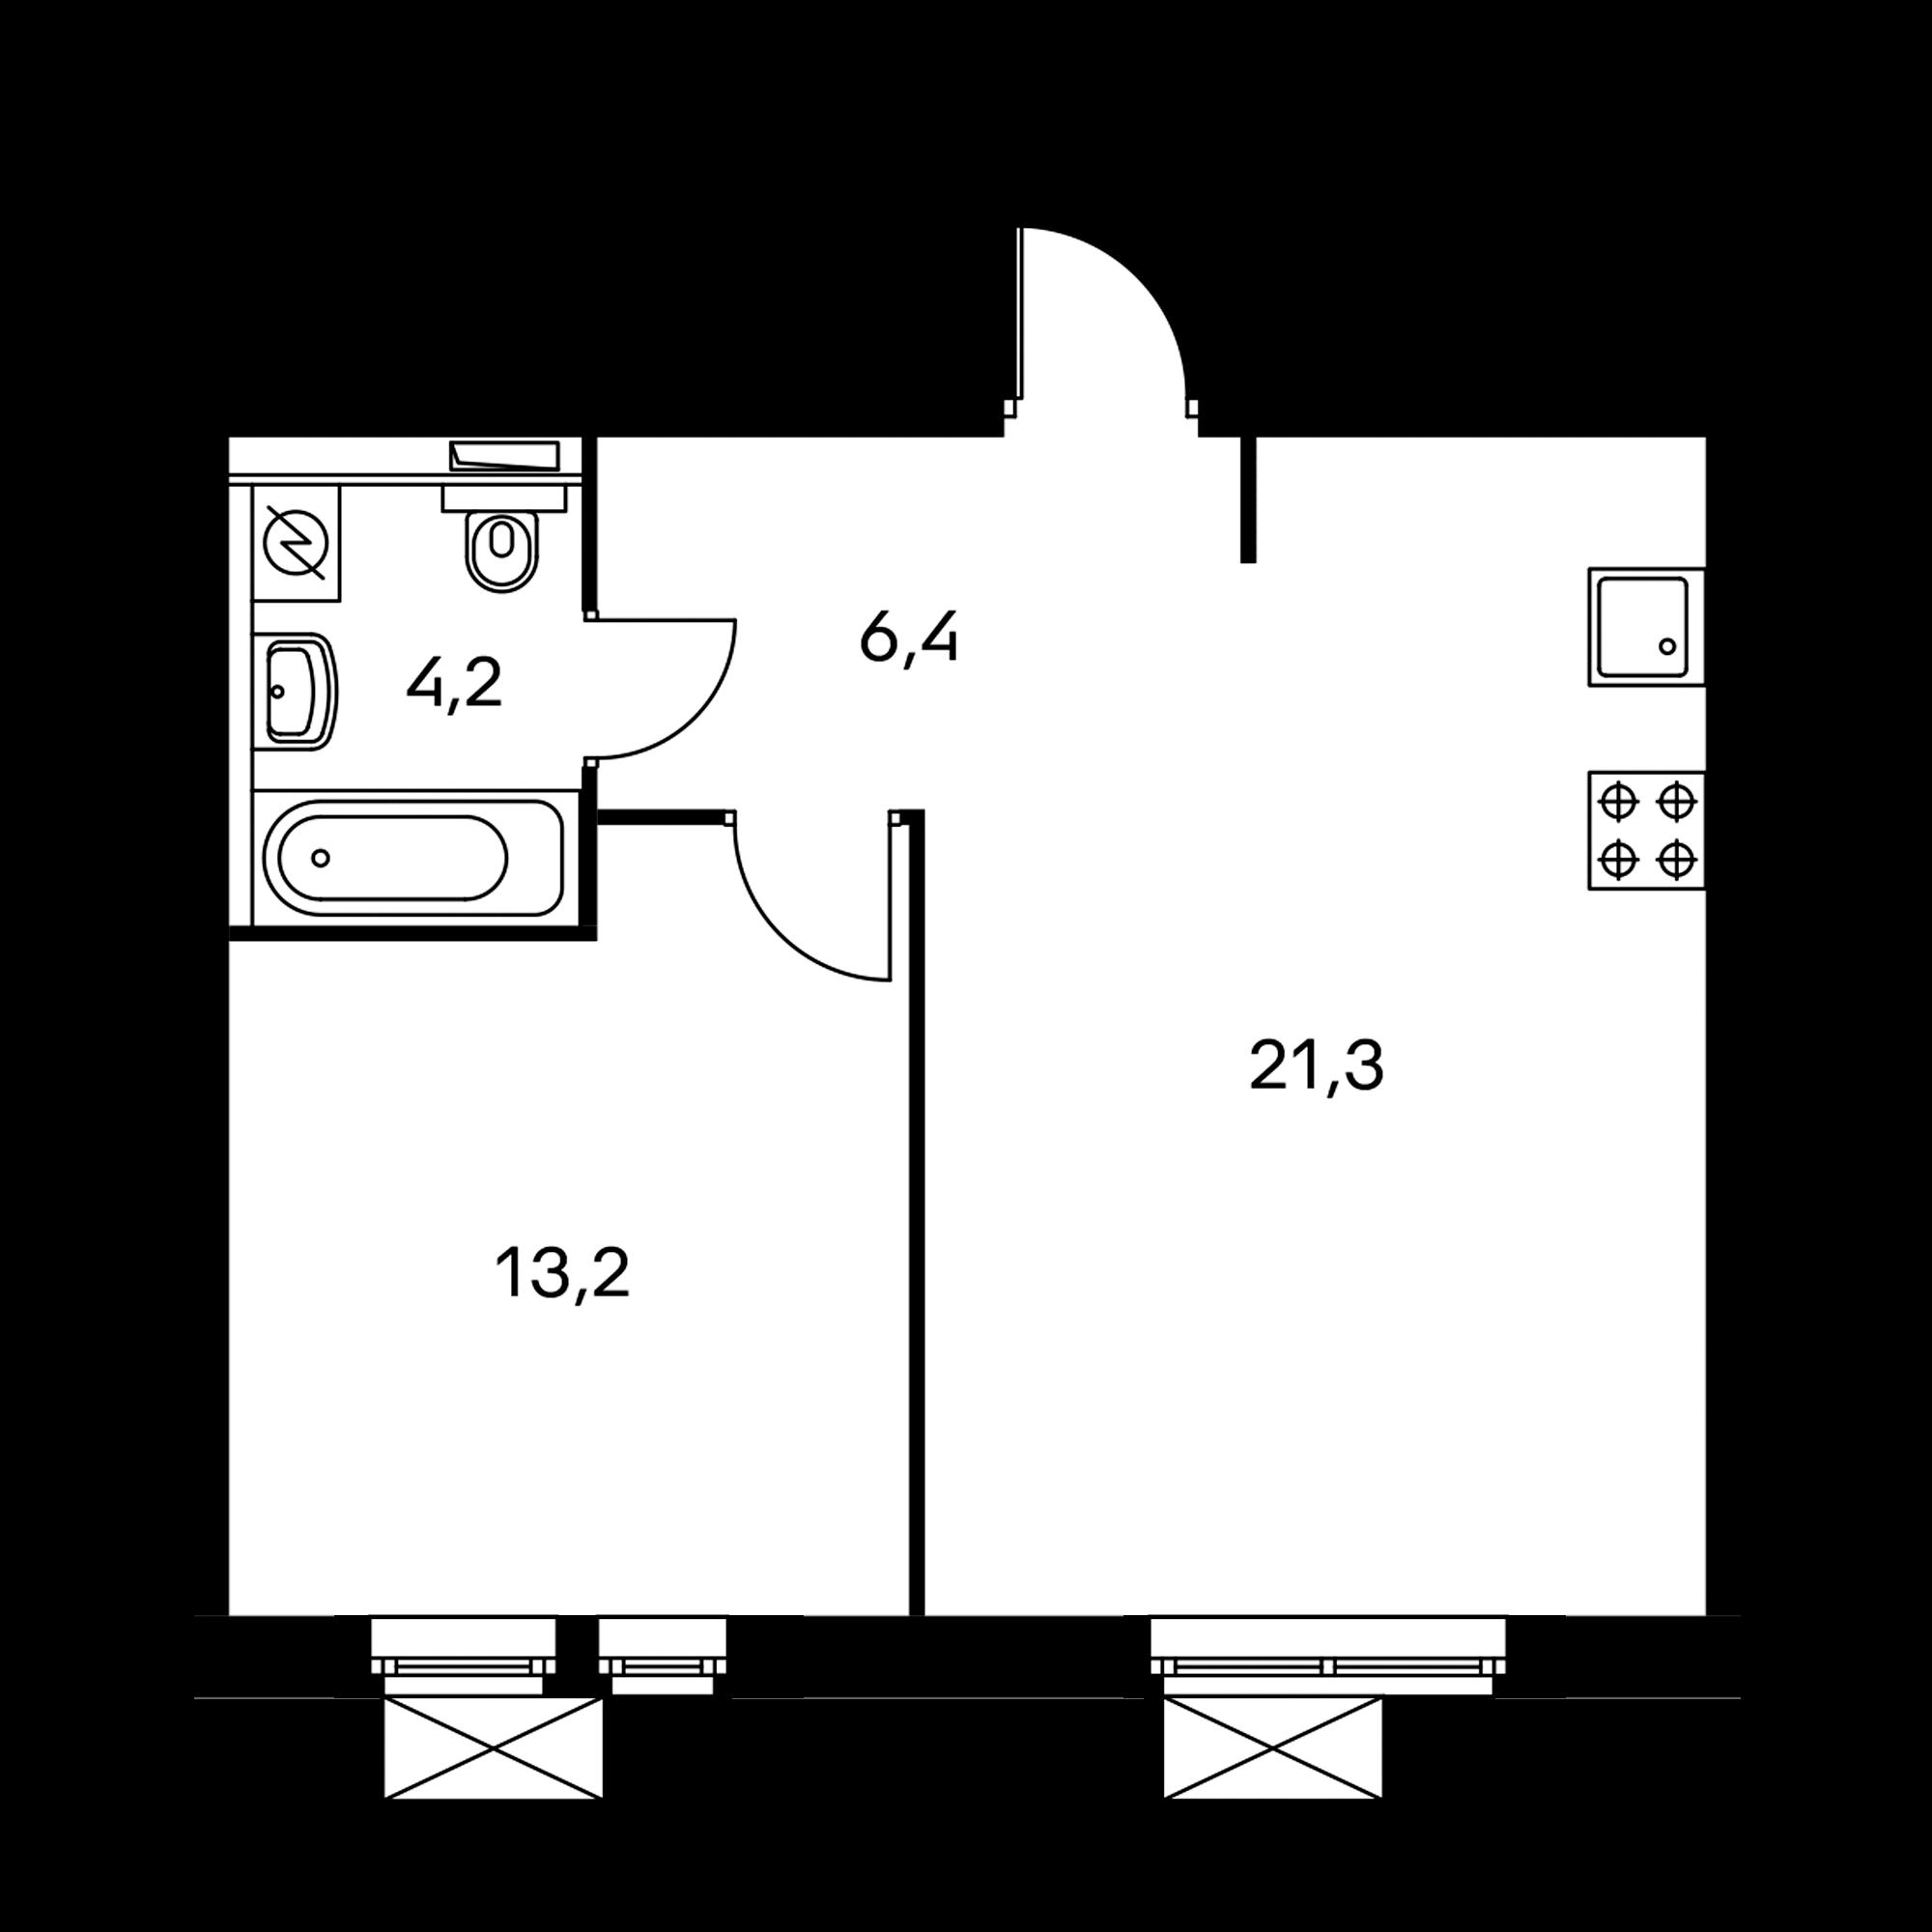 1EL4_7.8-1_S_A1